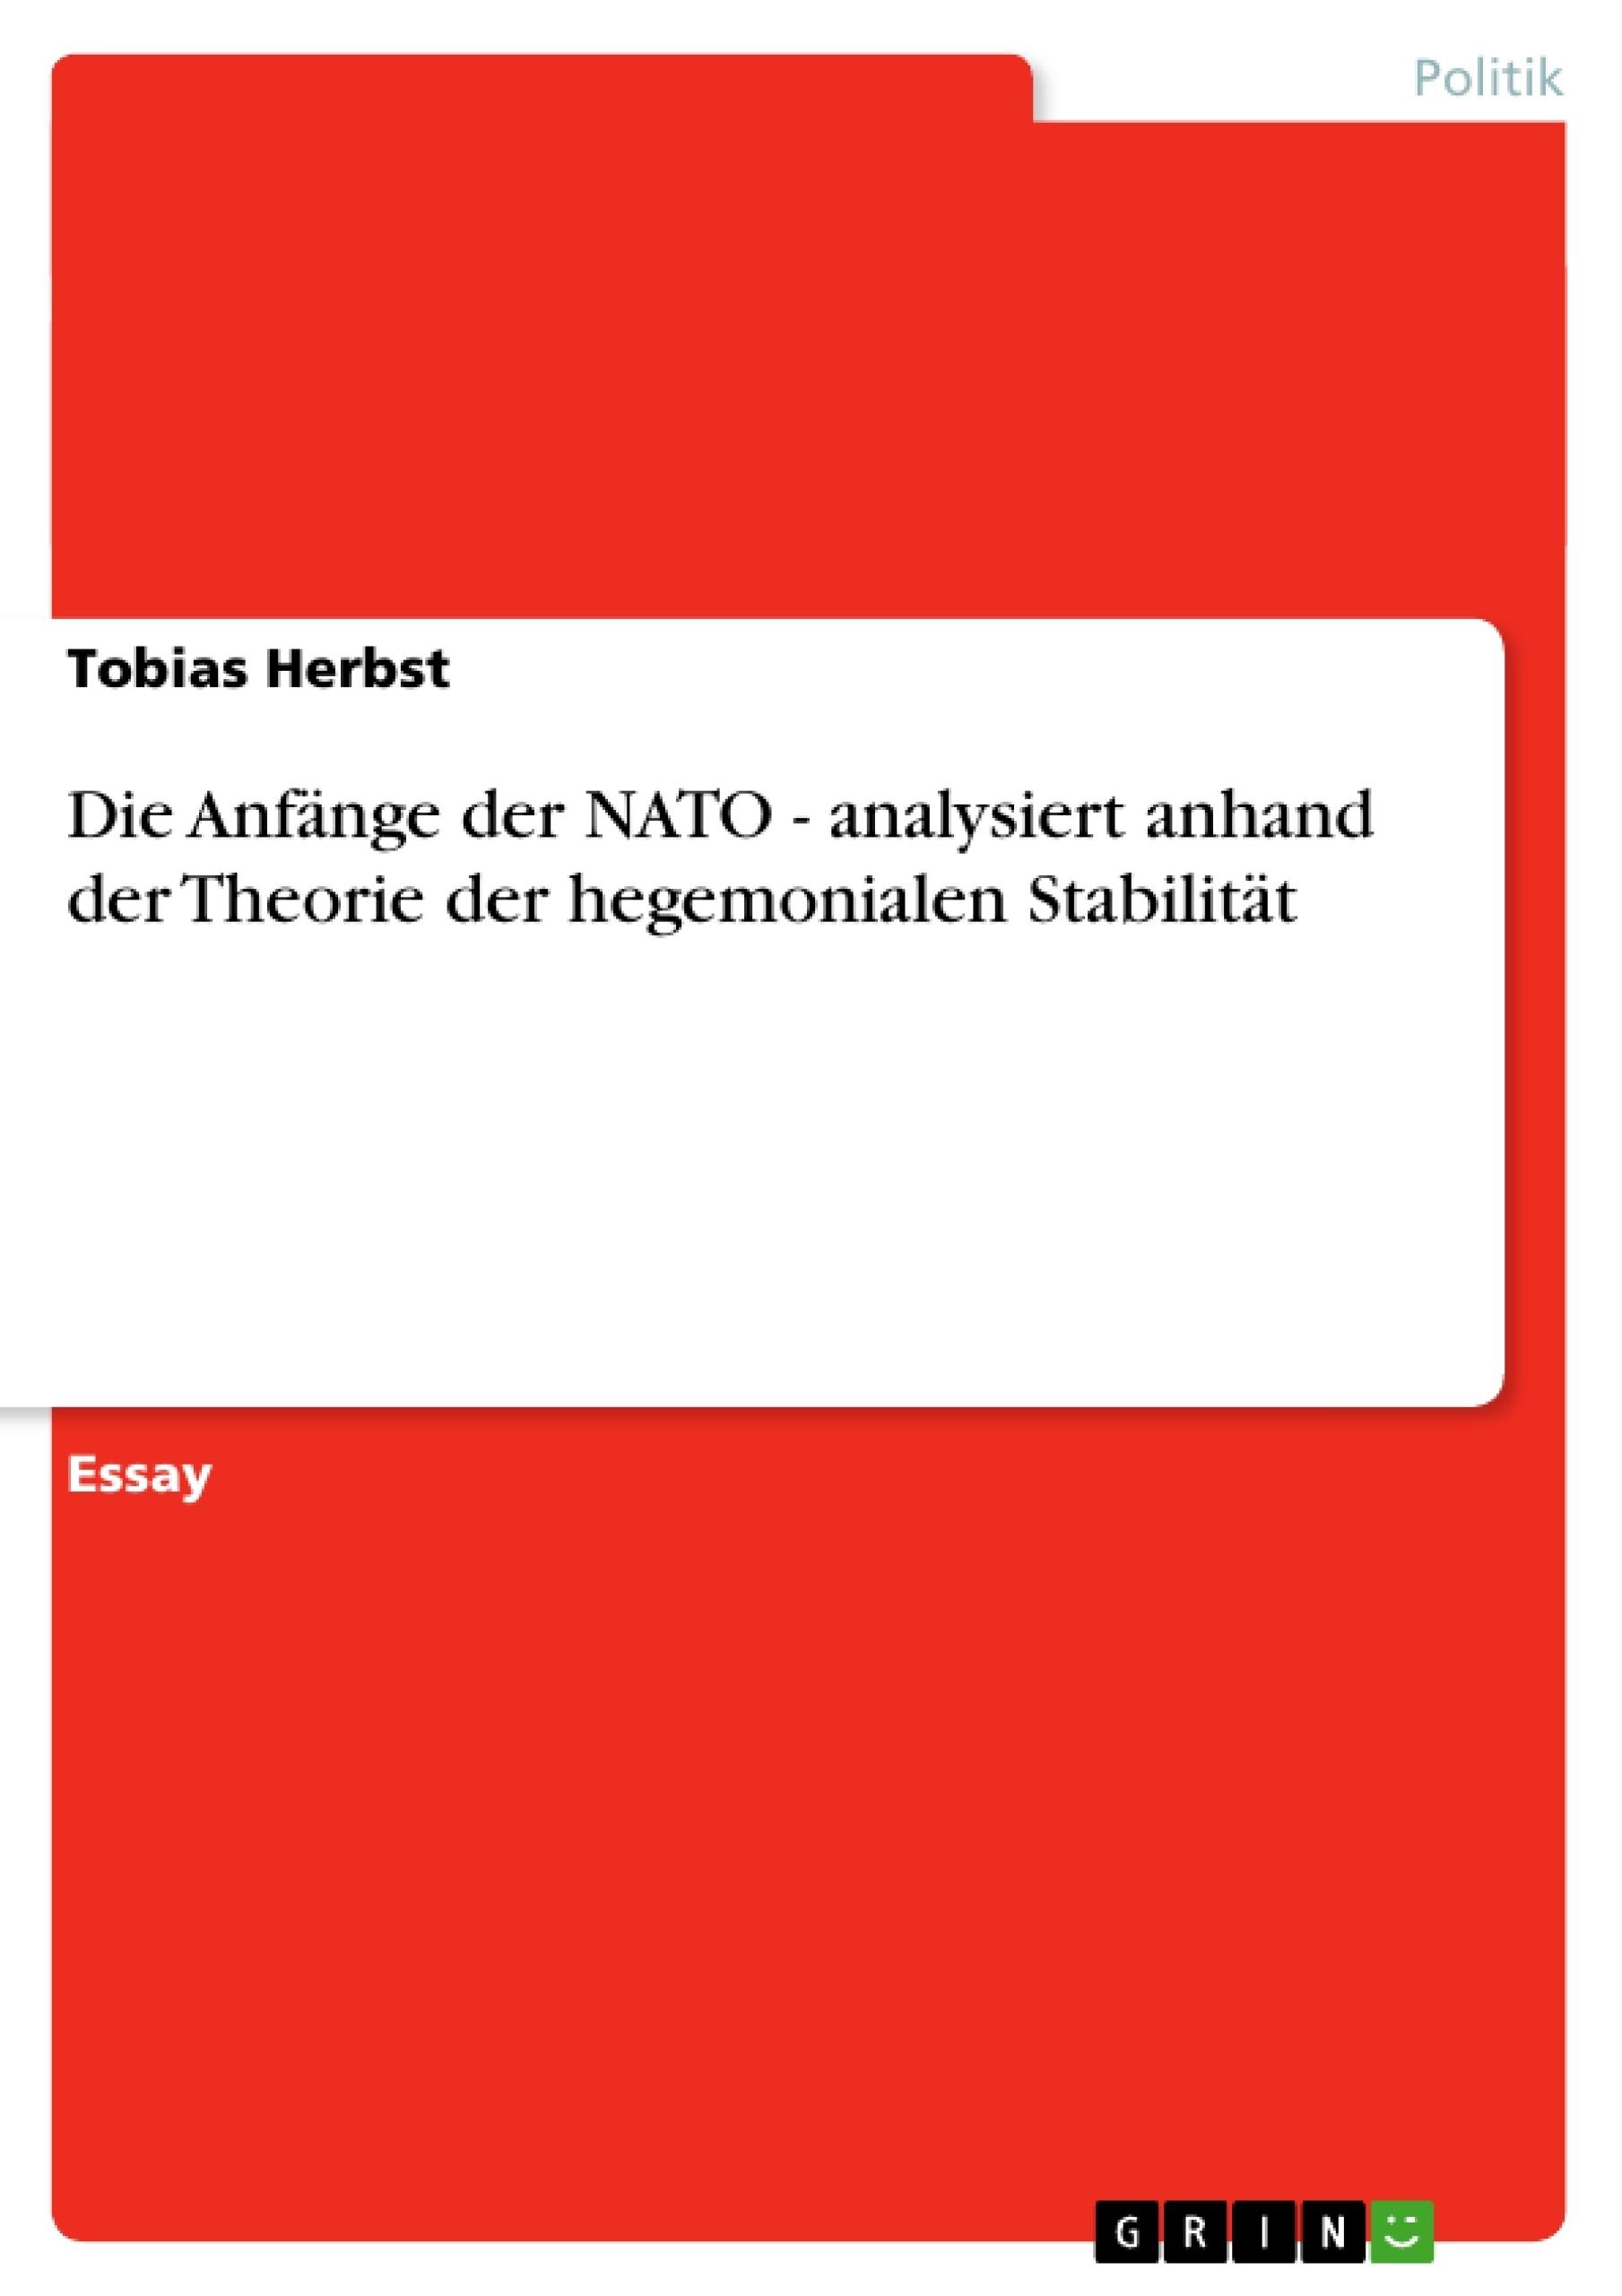 Titel: Die Anfänge der NATO - analysiert anhand der Theorie der hegemonialen Stabilität